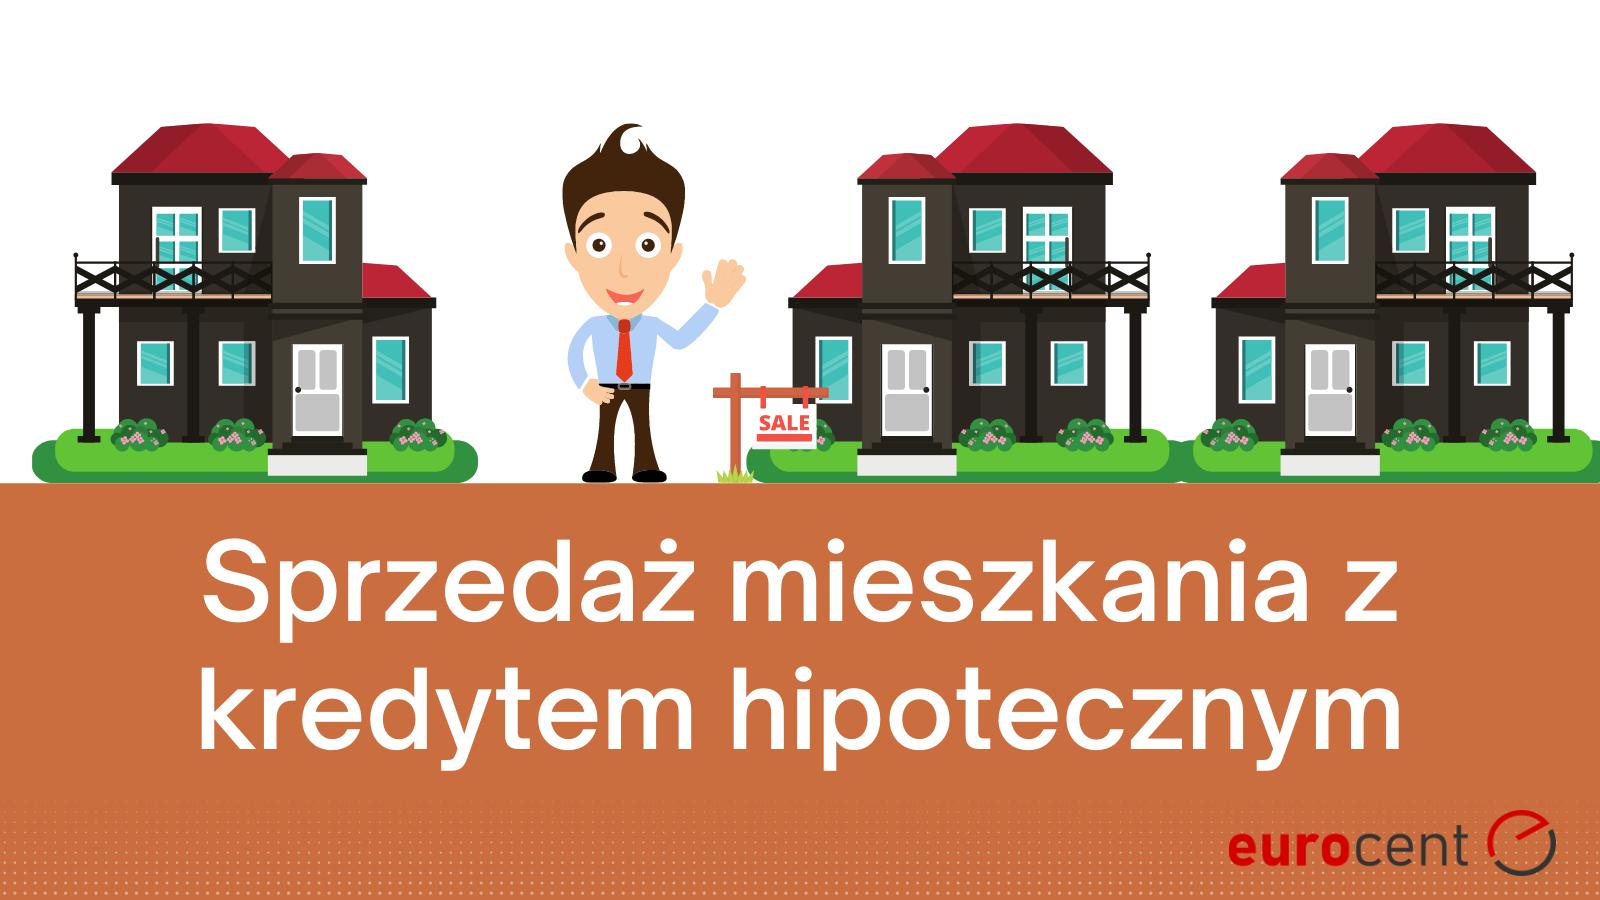 Sprzedaż mieszkania z kredytem hipotecznym